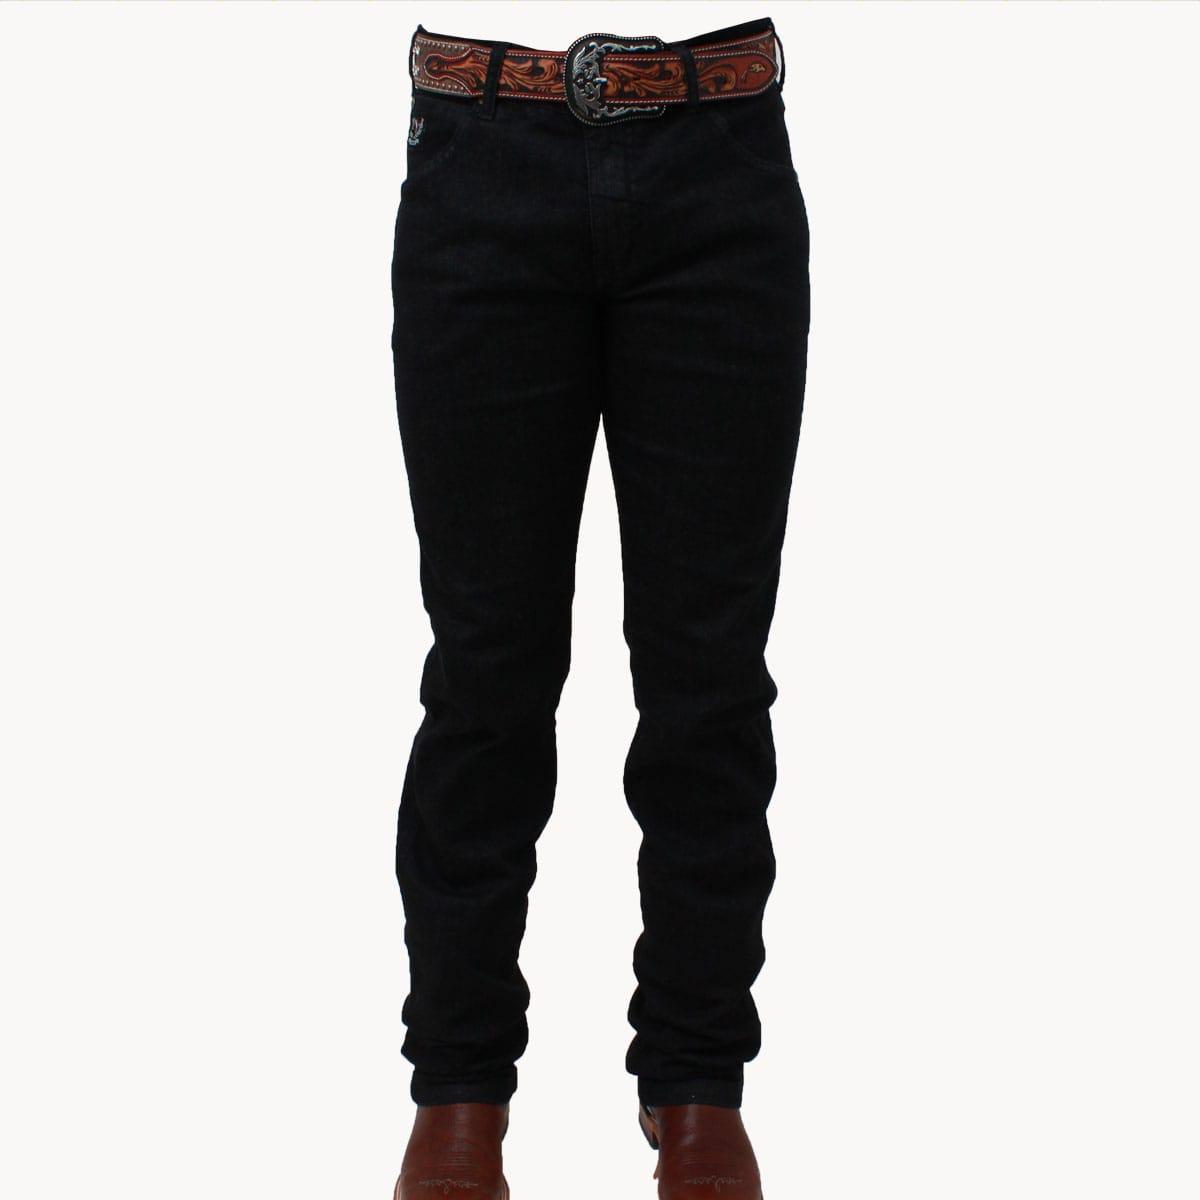 Calça Jeans Masculina Nossa Terra Preta